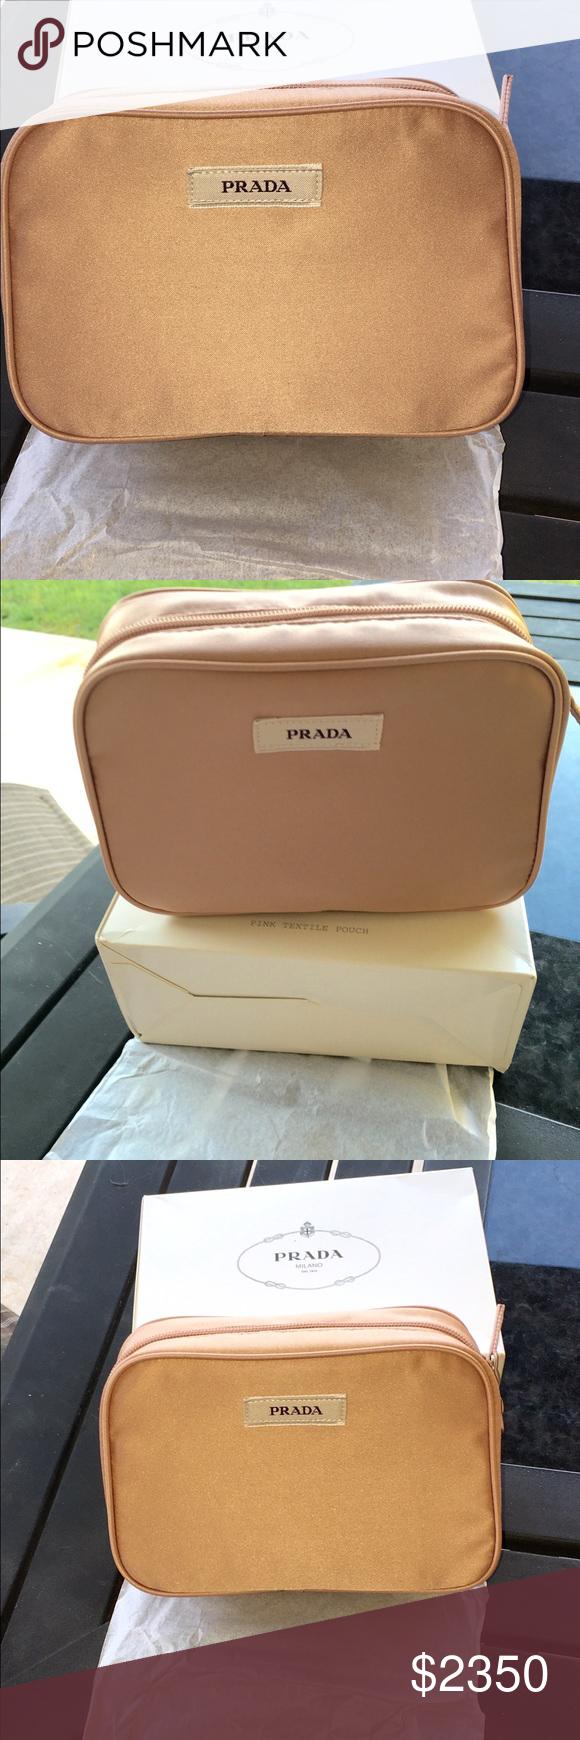 25deb7dbb43c Extra pics of Prada Blush colored makeup bag Do not buy Prada Bags Cosmetic  Bags & Cases